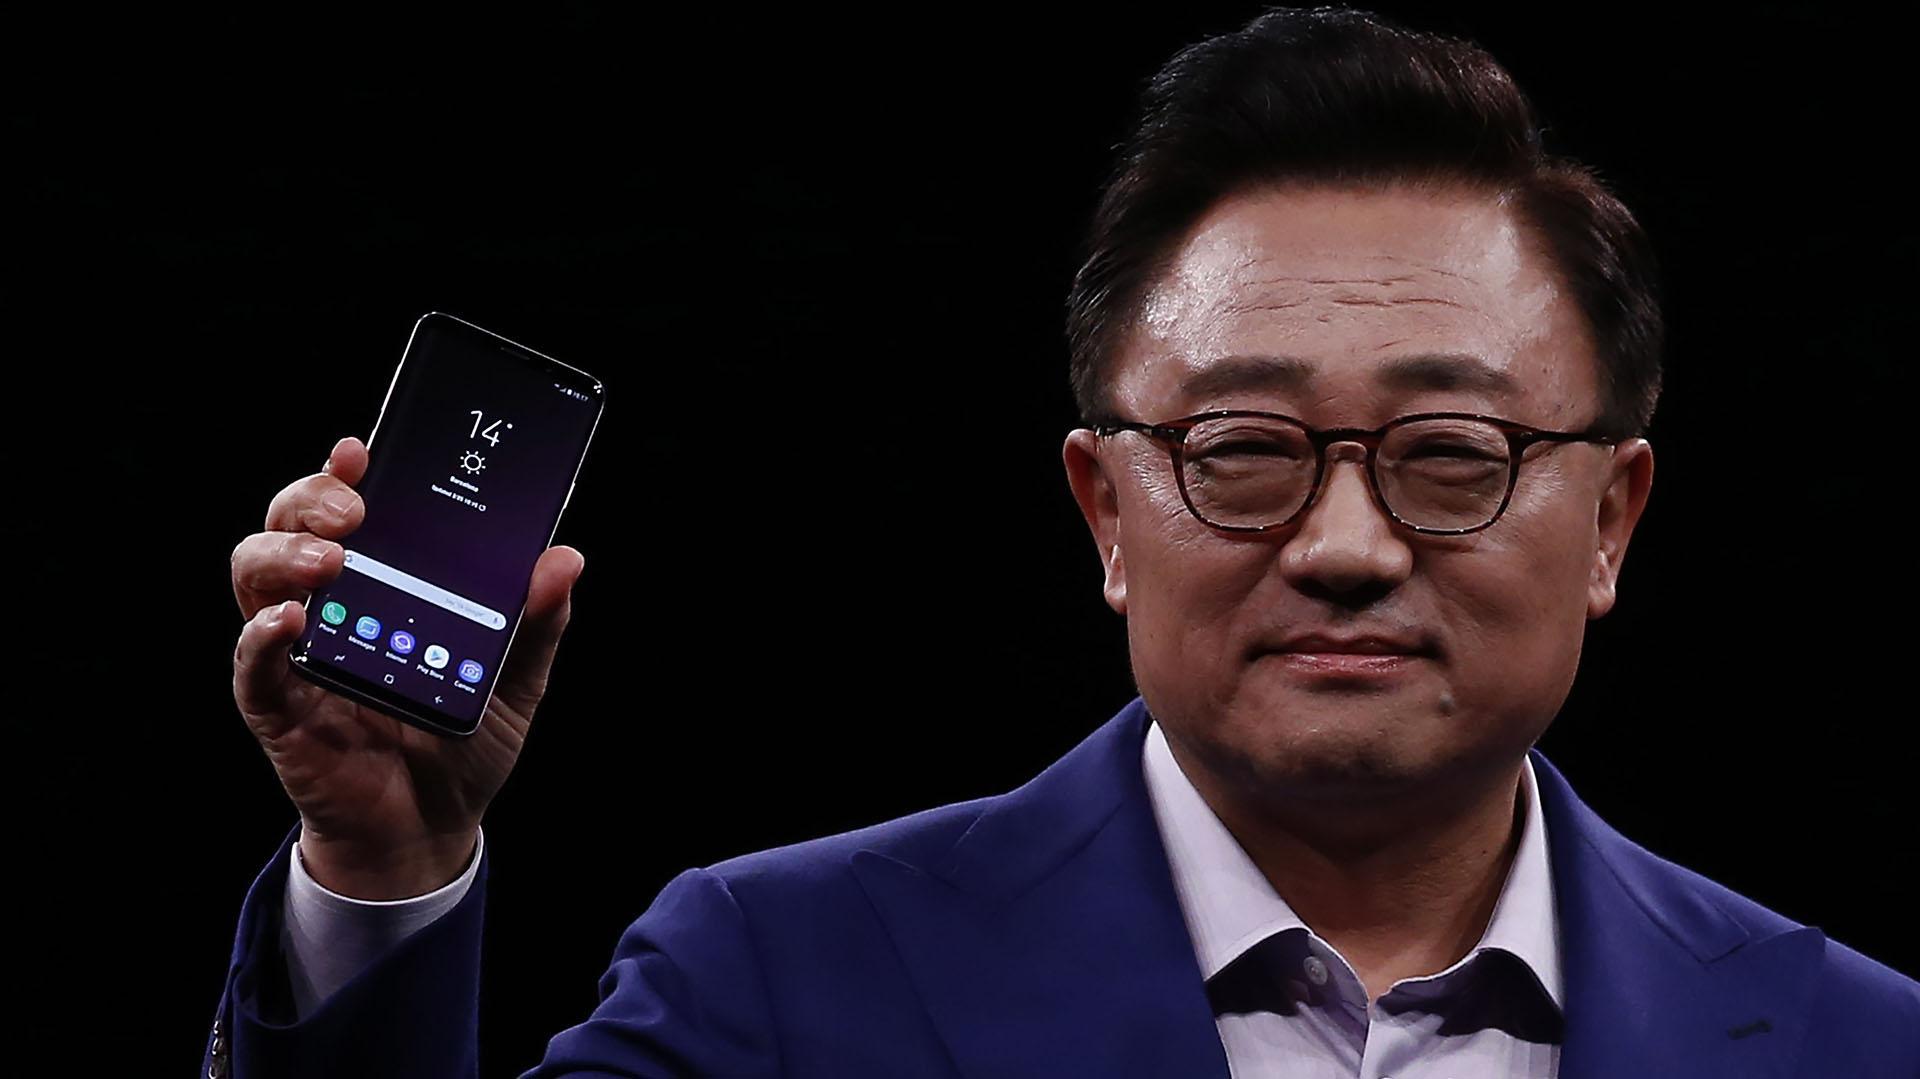 DJ Koh, presidente de Samsung, muestra el nuevo Galaxy S9, durante el evento Samsung Galaxy Unpacked 2018 en la víspera de uno de los eventos más importante de smartphones de todo el mundo (AP Photo / Manu Fernandez)